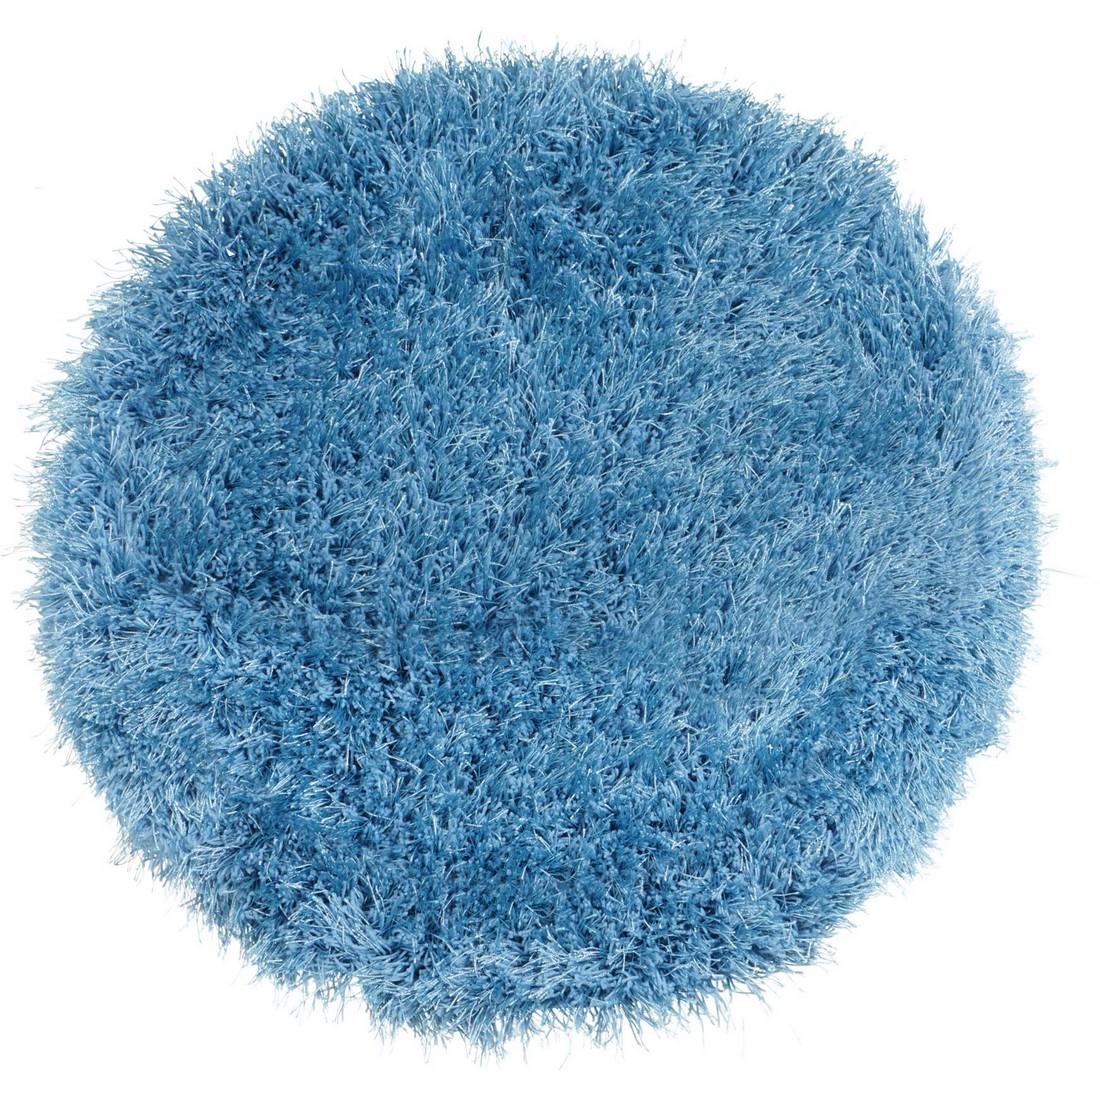 Hochflorteppich Jersey Blau- rund – Durchmesser: ø 200 cm, benuta günstig bestellen